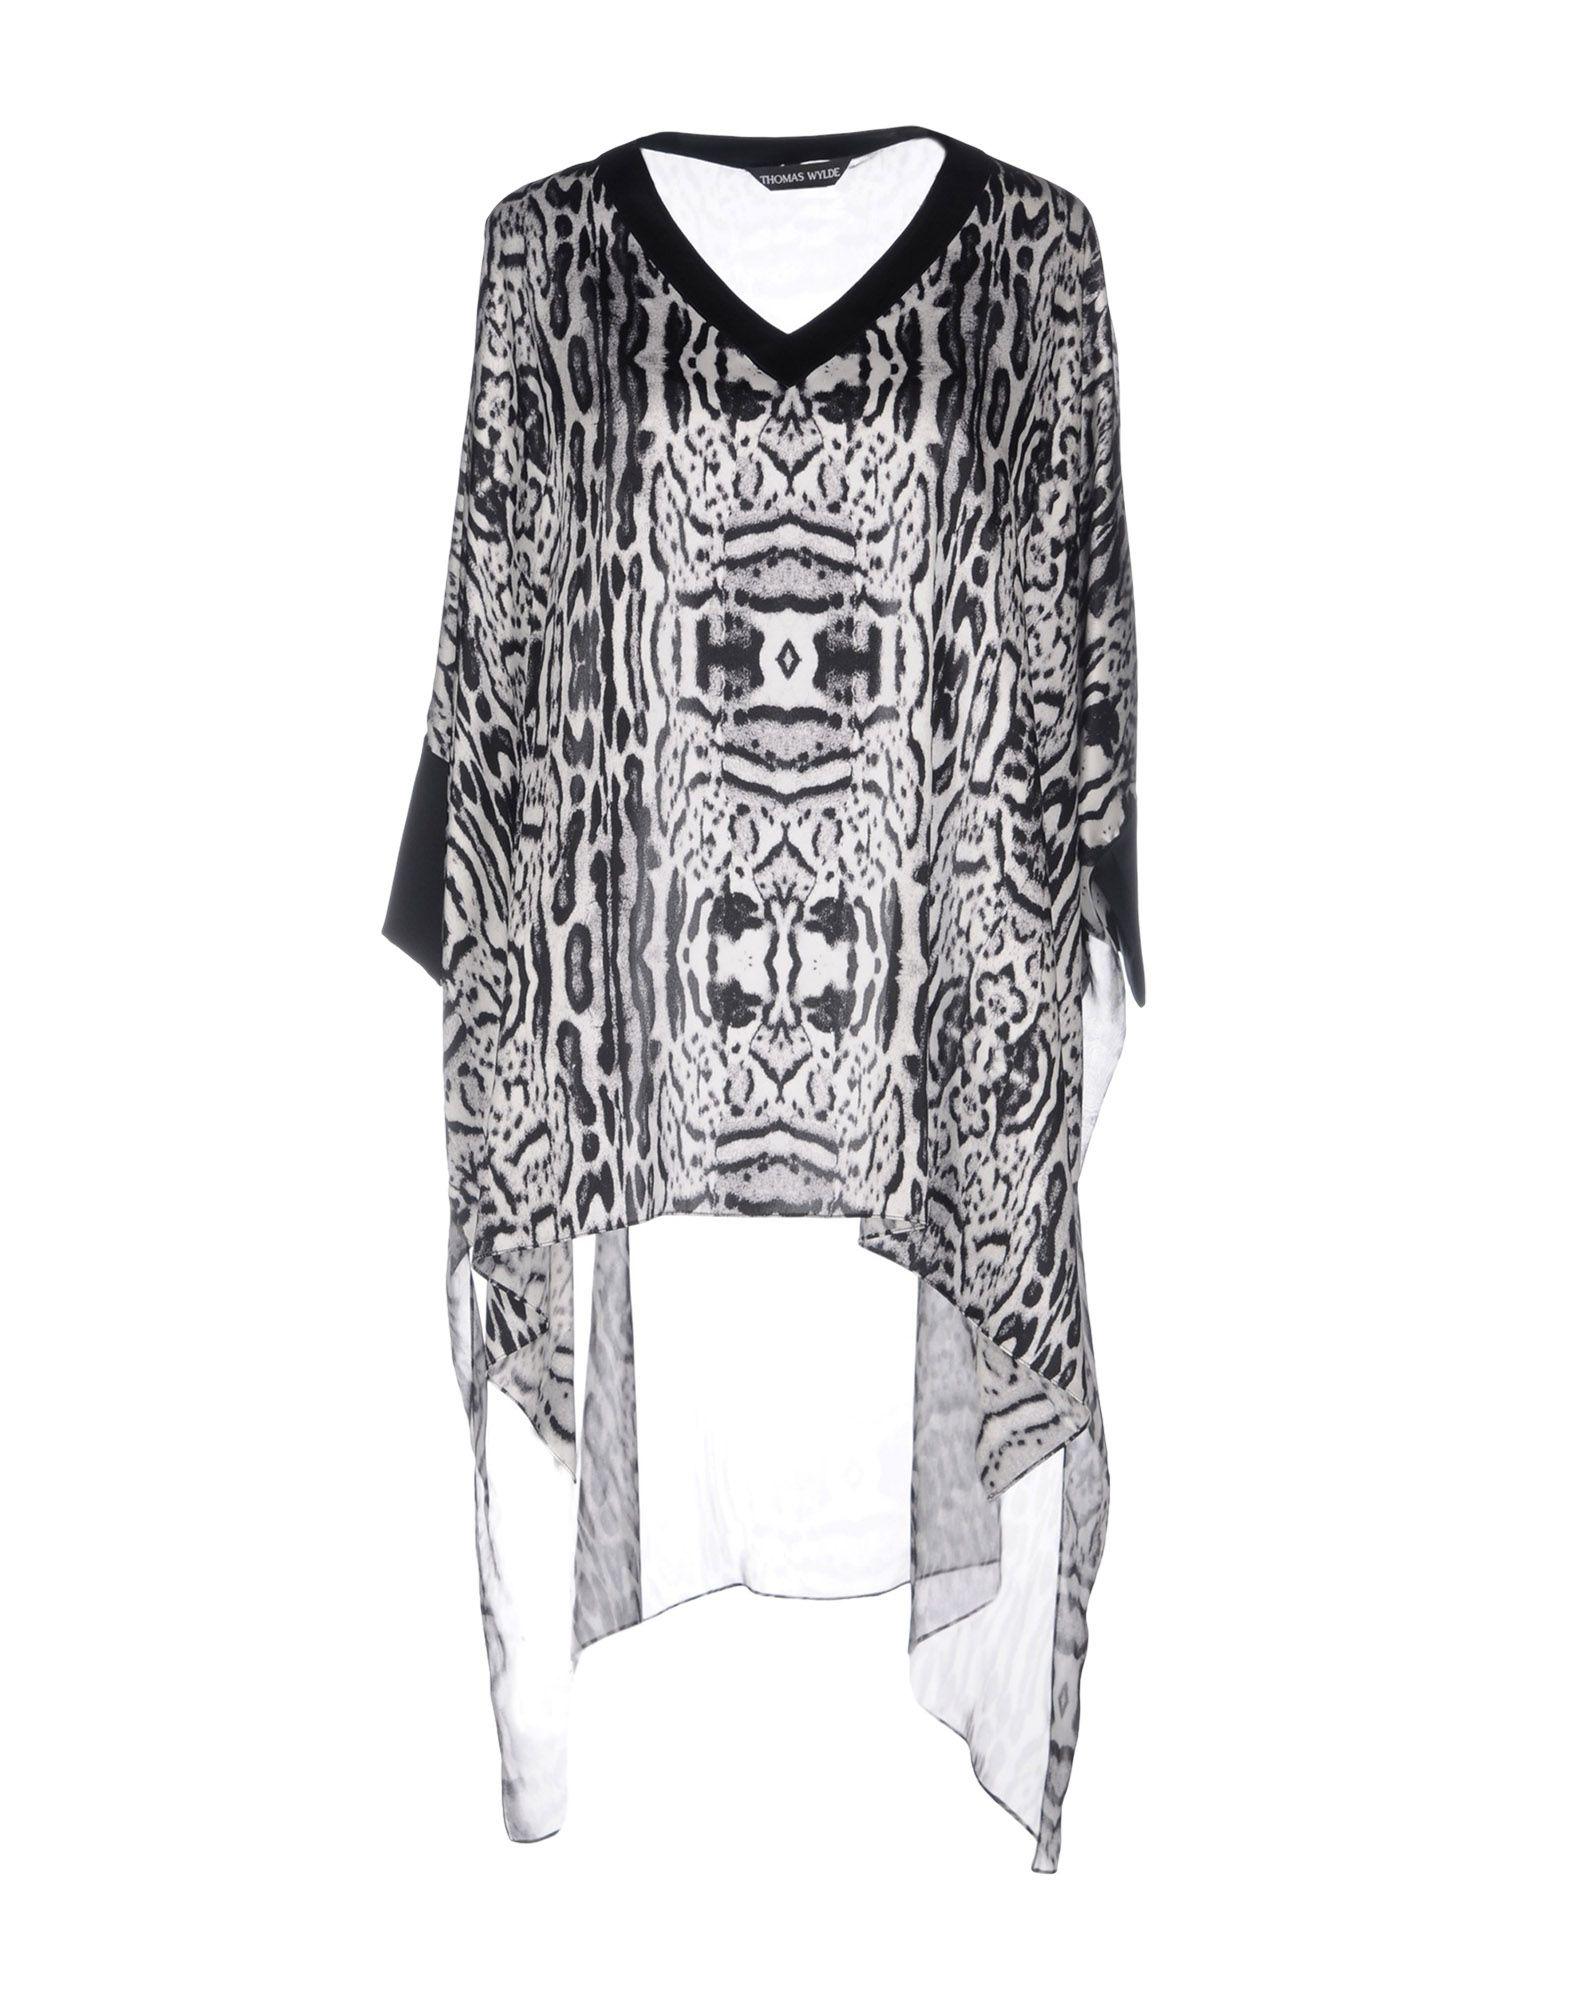 где купить THOMAS WYLDE Блузка по лучшей цене